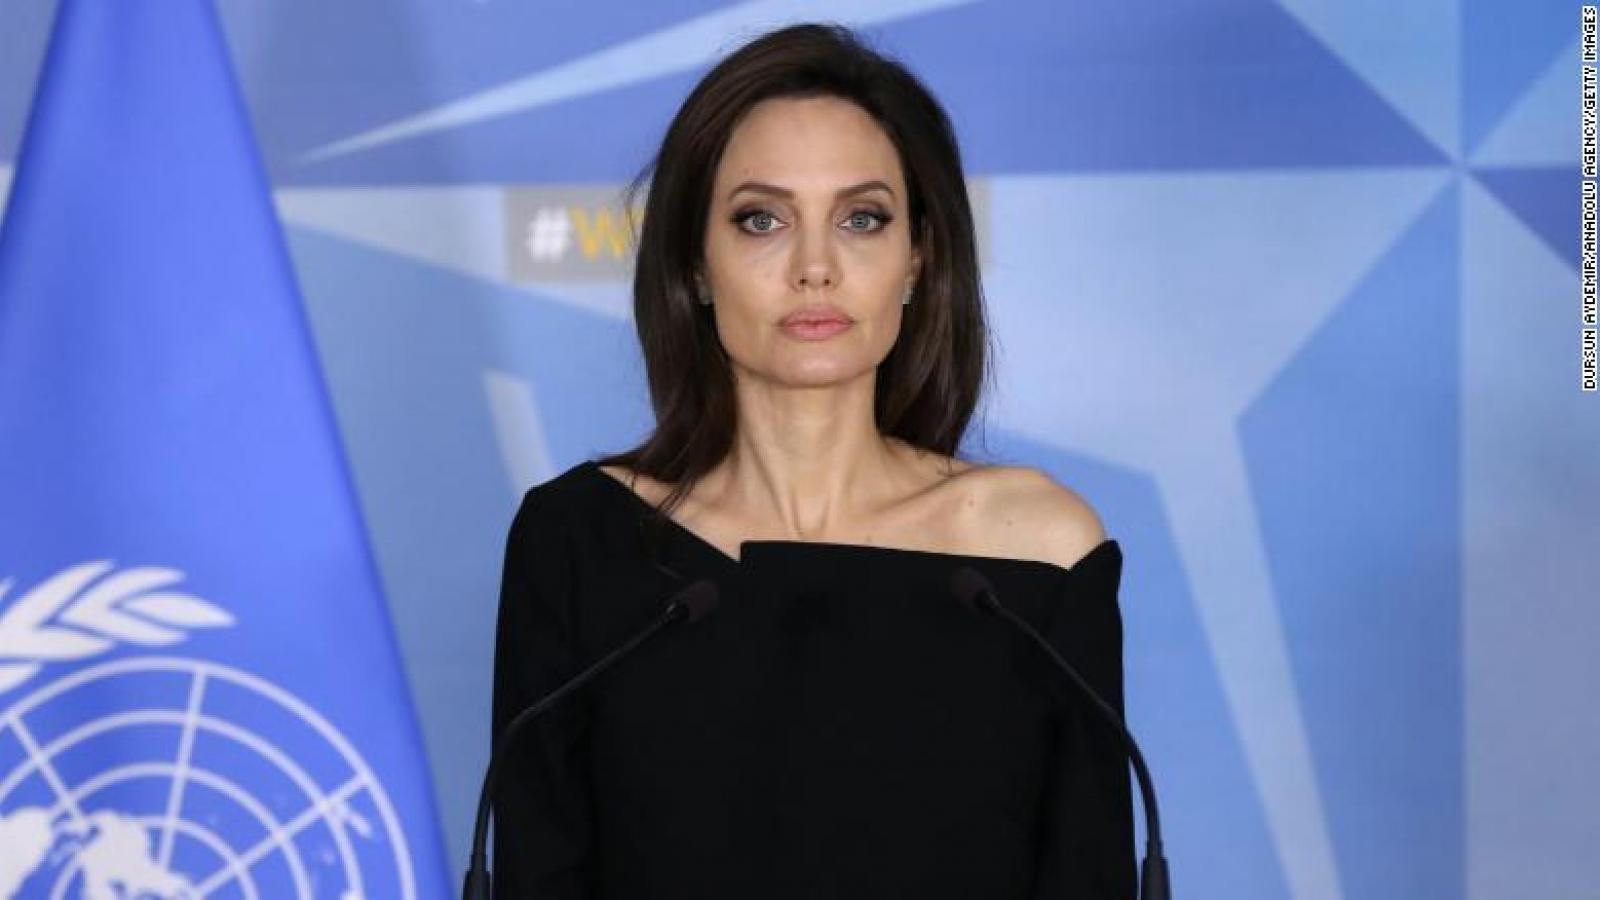 Angelina Jolie kêu gọi hãy kết nối giữ liên lạc với nhau khi tự cách ly